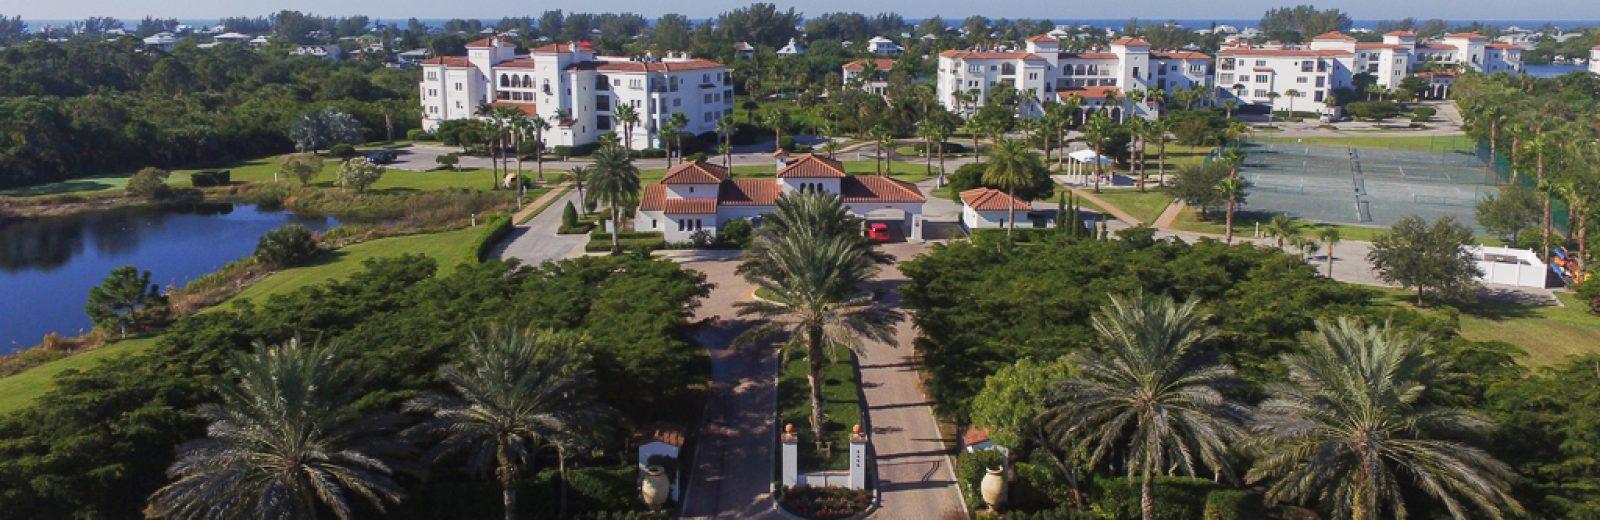 Hacienda Del Mar Placida FL, Real  Estate for Sale | gasparillalife.com